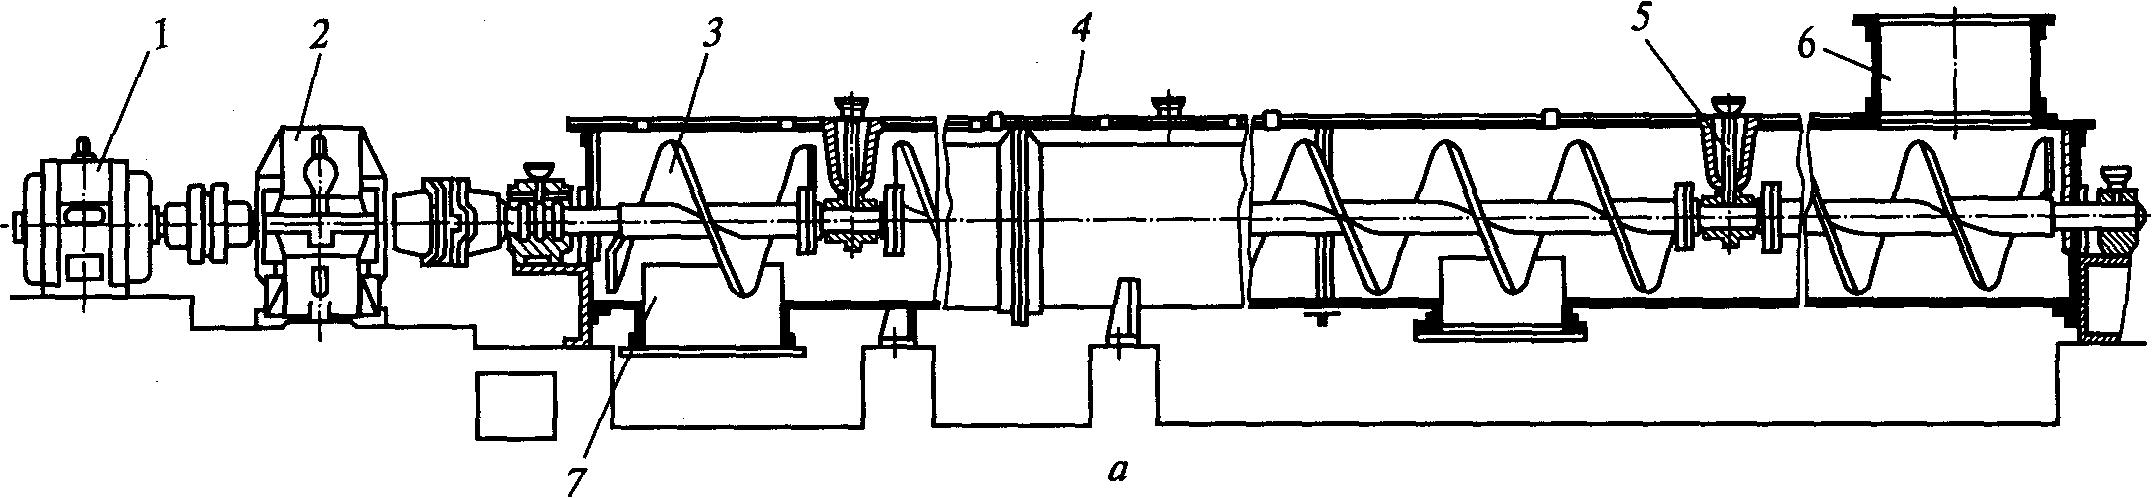 Винтовые и вибрационные конвейеры масло для гура фольксваген транспортер